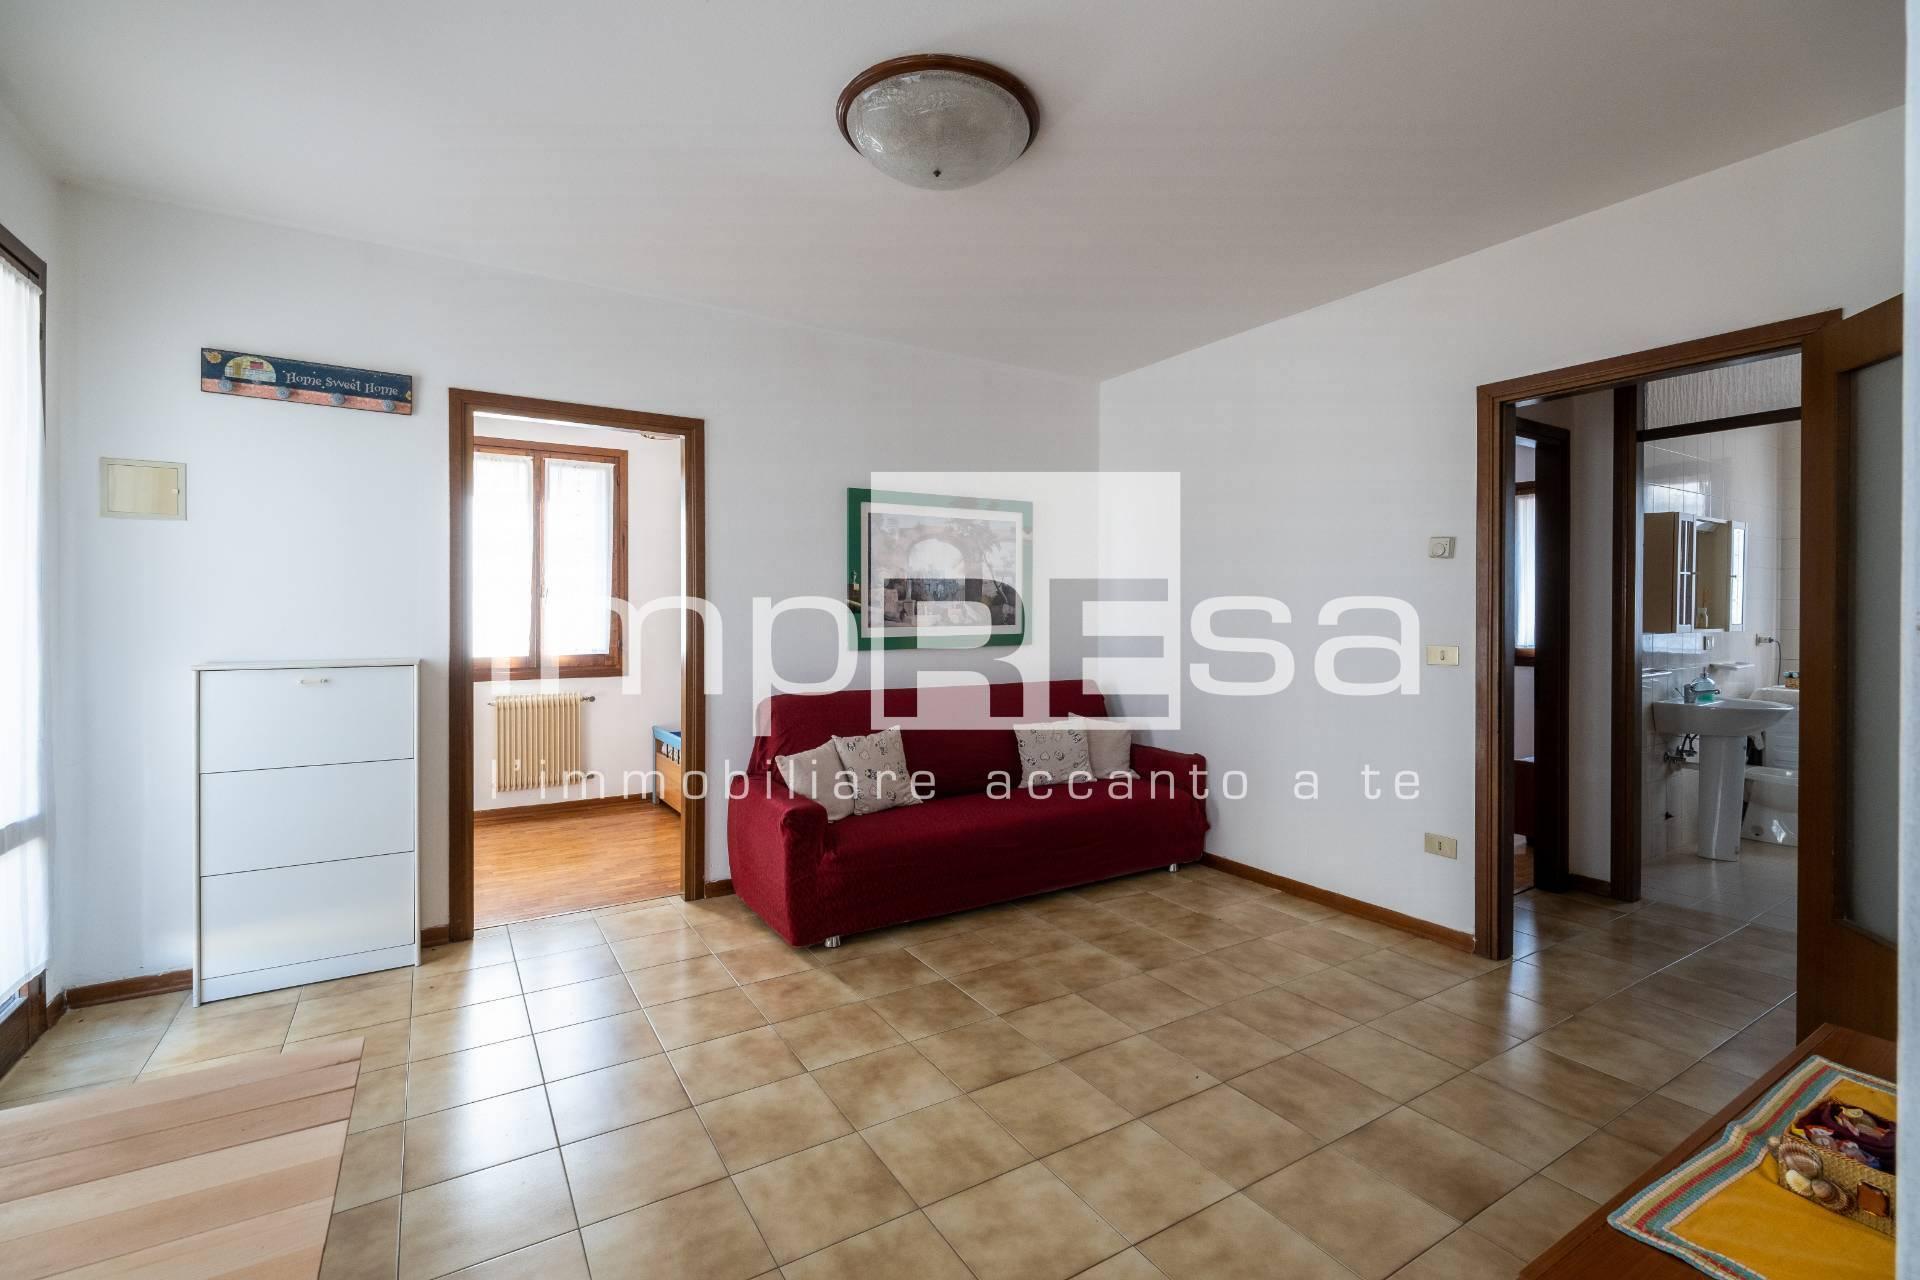 Appartamento in vendita a San Donà di Piave, 3 locali, prezzo € 109.000 | PortaleAgenzieImmobiliari.it